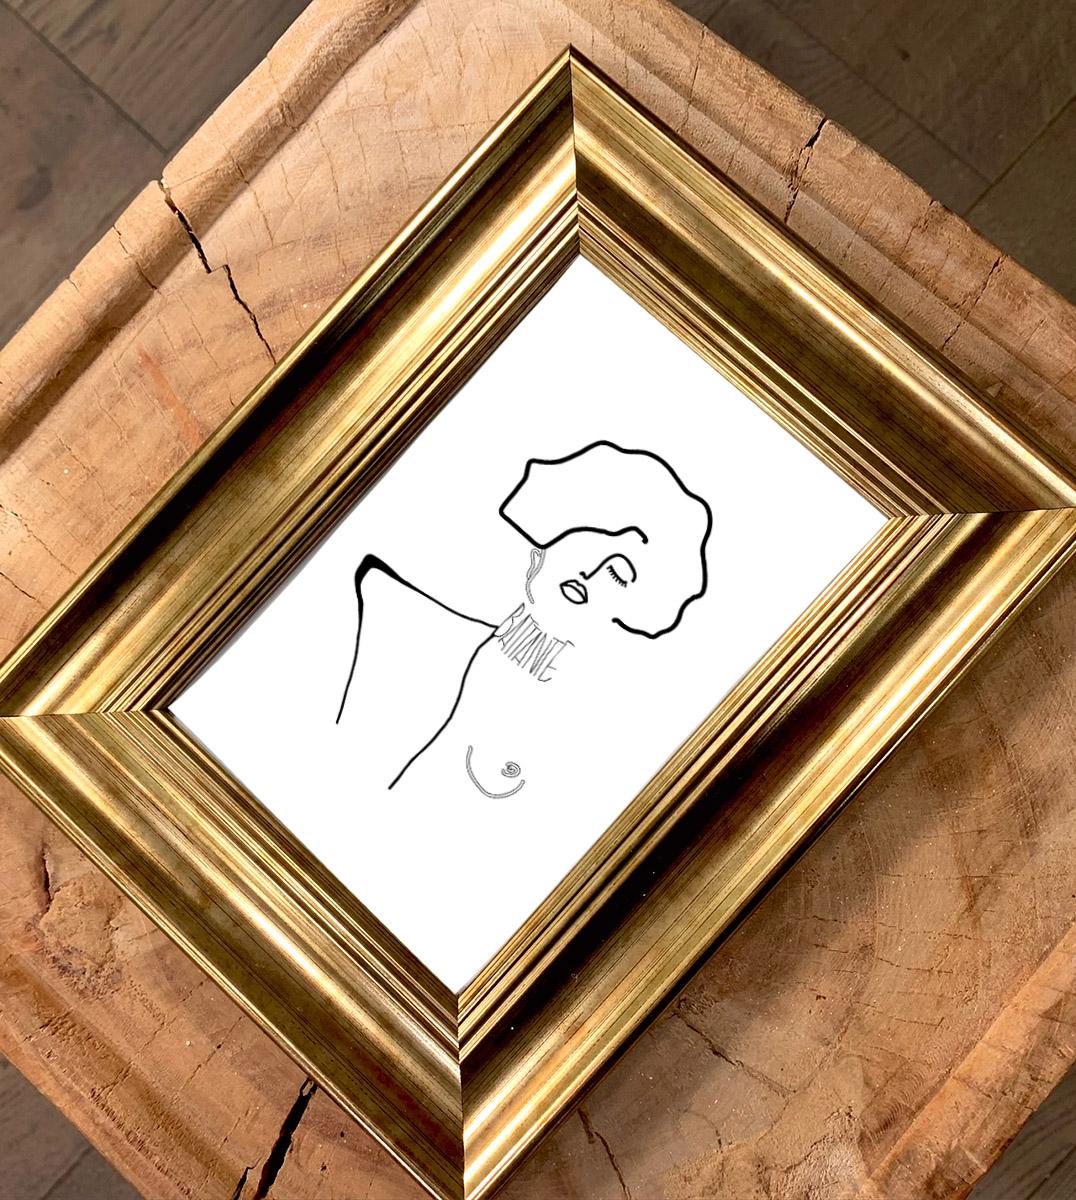 Image d'un cadre doré avec une carte postale d'un visuel inspiré d'un tableau de Gustav Klimt